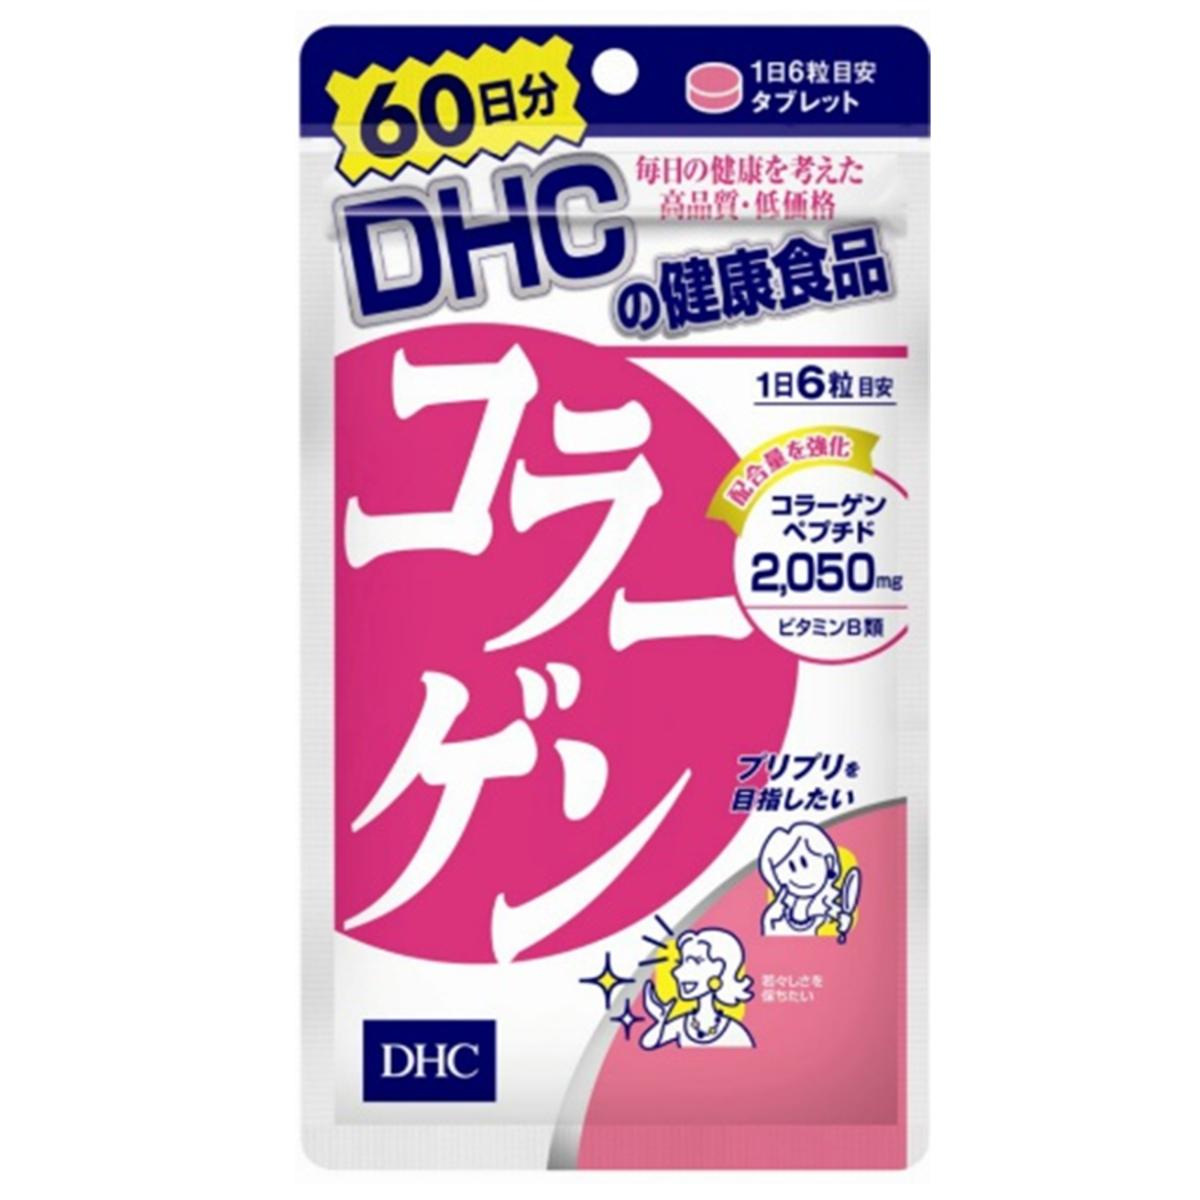 DHC膠原蛋白(60日份)